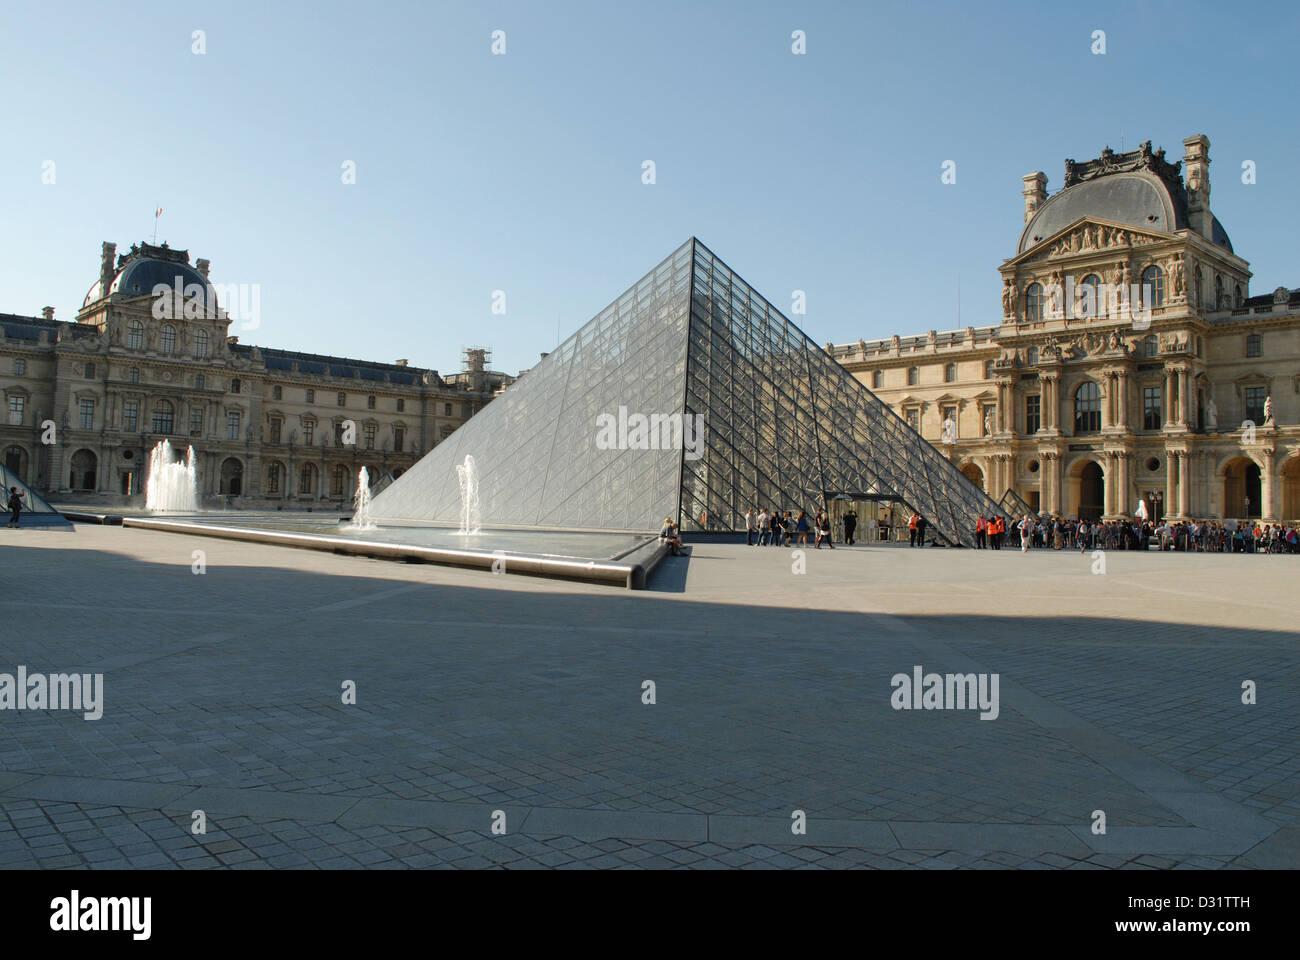 La pyramide de verre au-dessus du Musée du Louvre, Paris, France. Banque D'Images